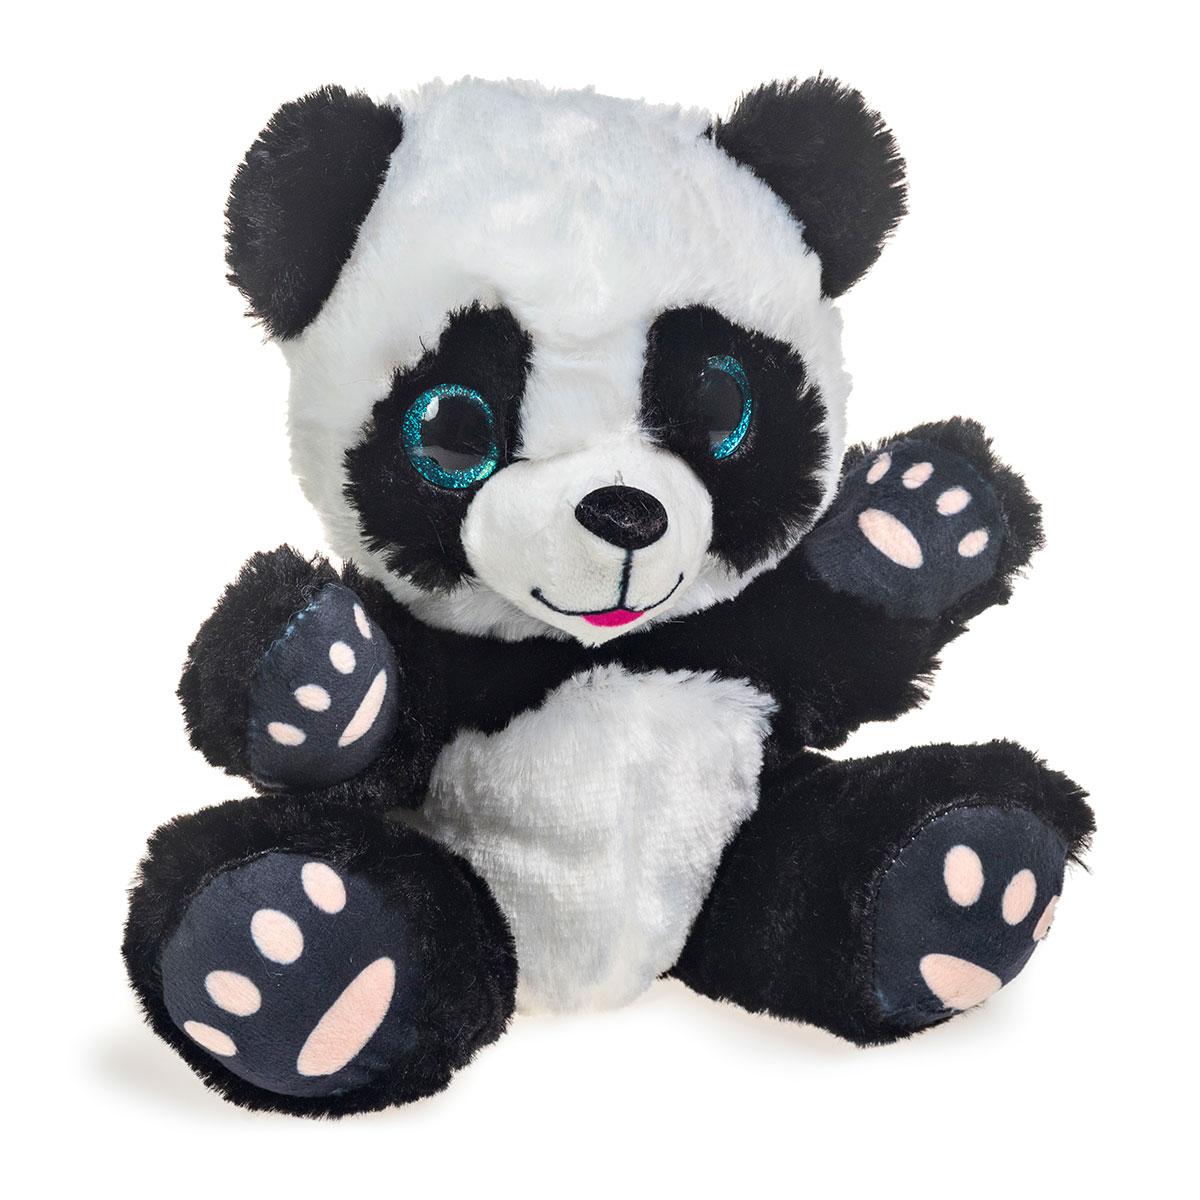 Panda de Pelúcia Com Olhos Brilhantes 19cm Sentado